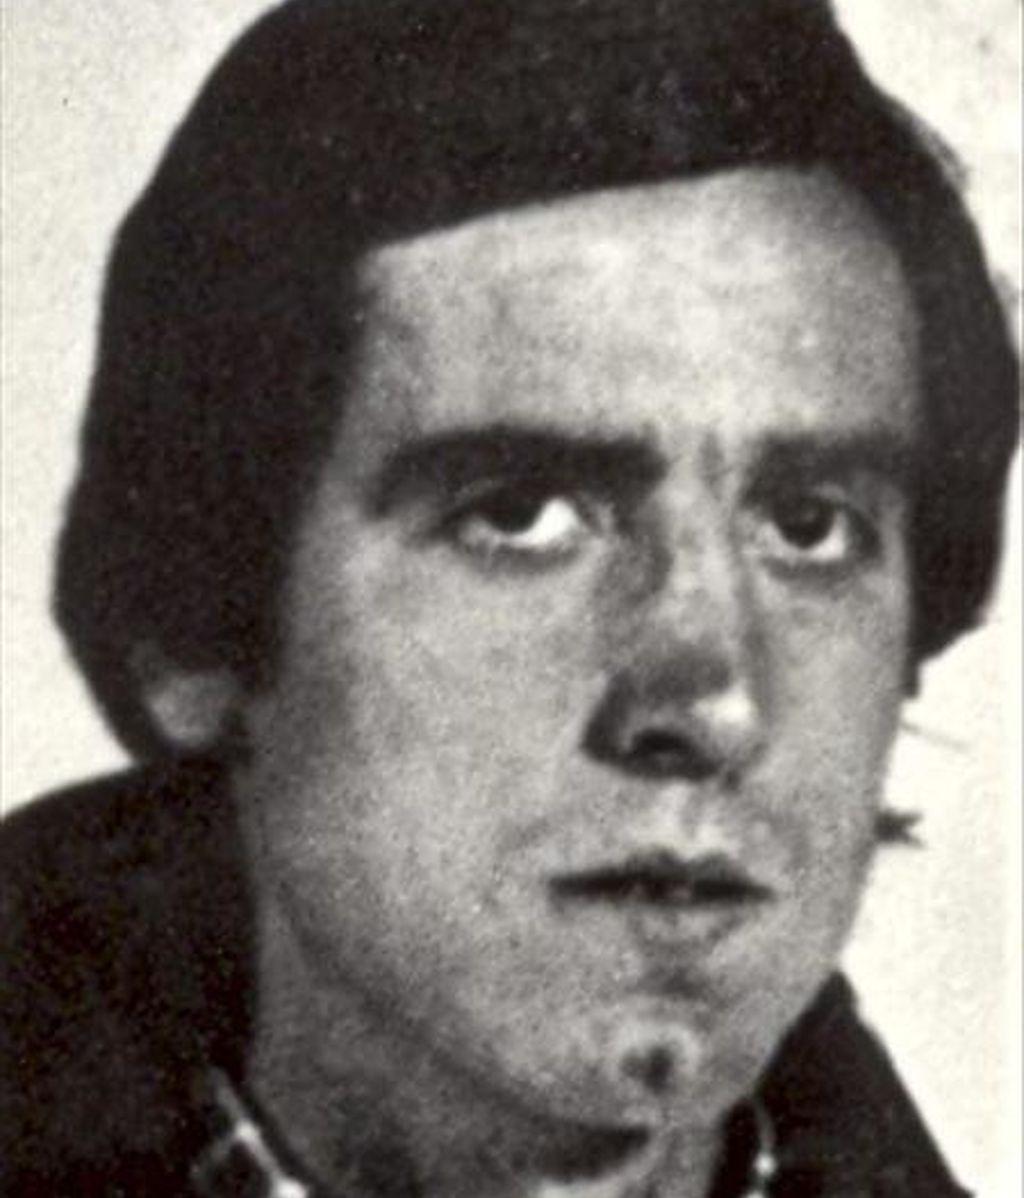 Retrato del miembro de ETA, José Ángel Urtiaga Martínez. EFE/Archivo